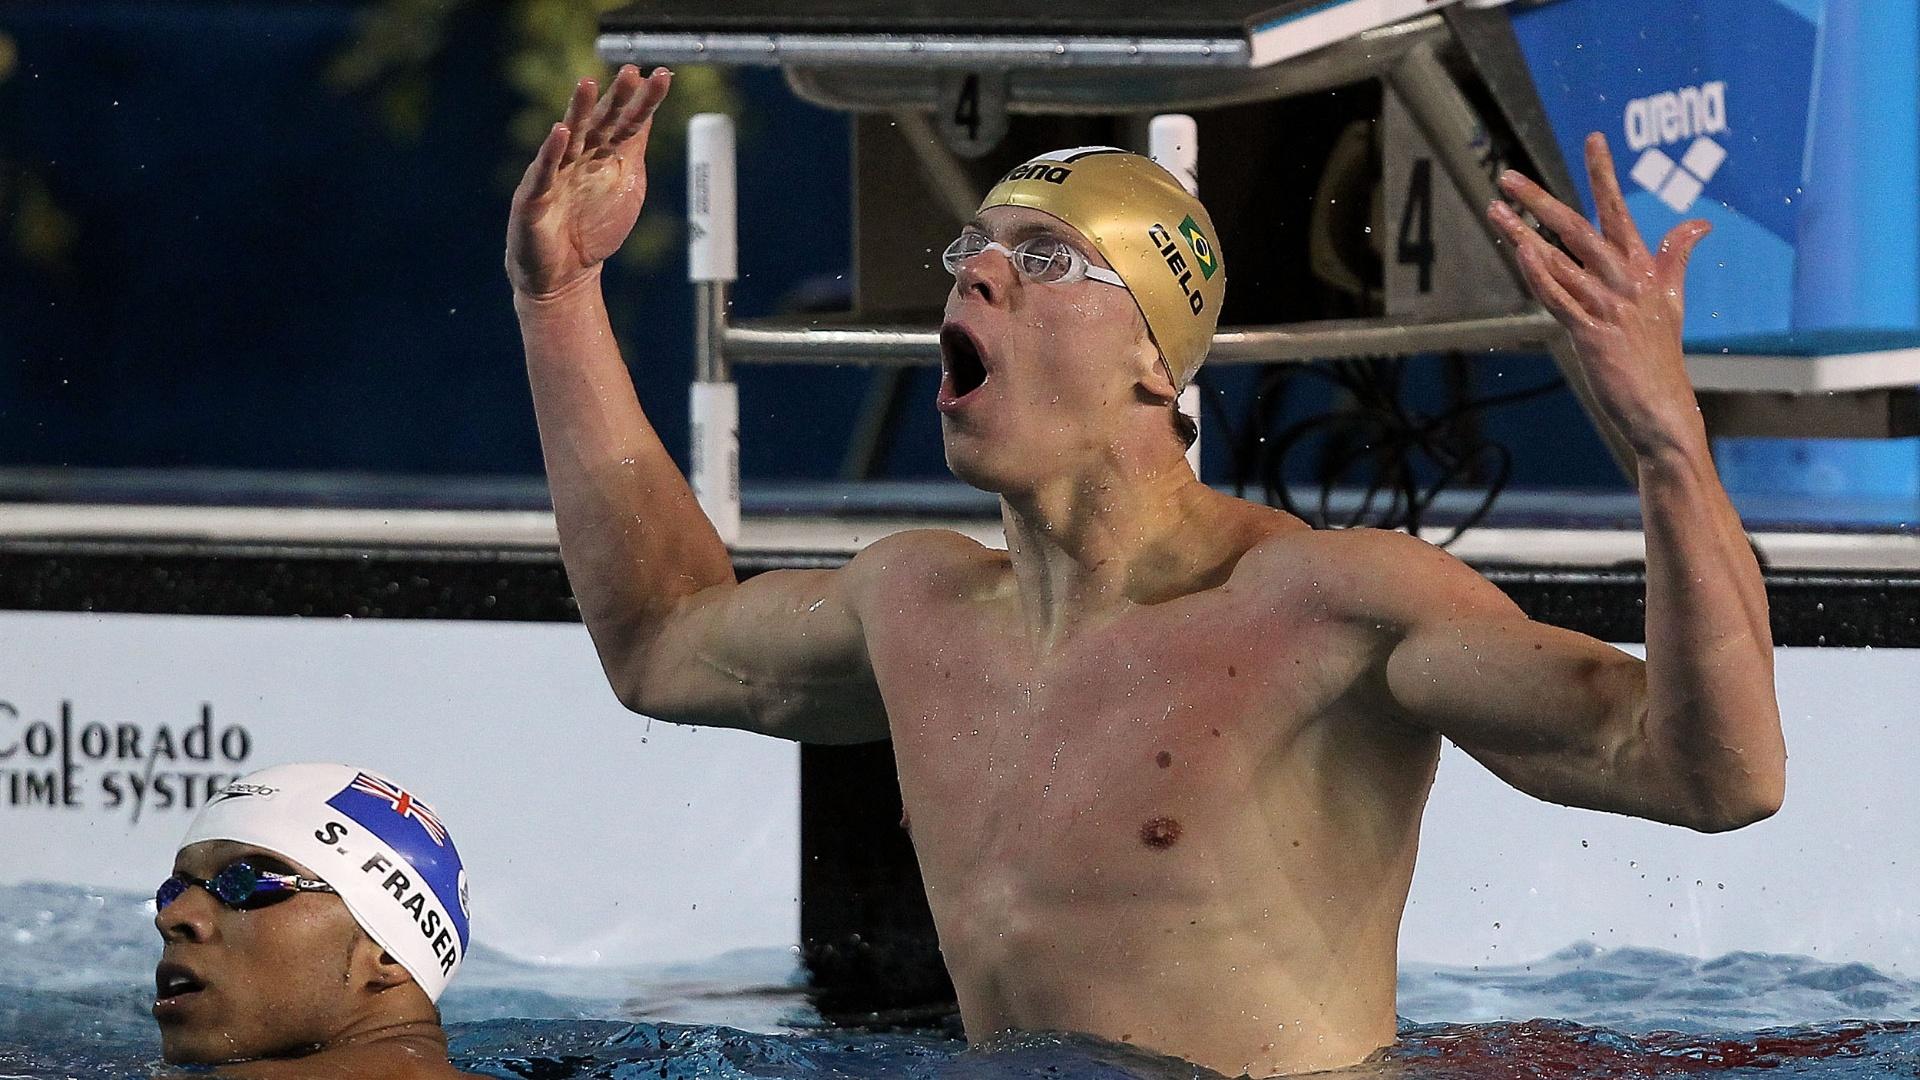 Cesar Cielo comemora a vitória nos 100m livre em Guadalajara (16/10/2011)